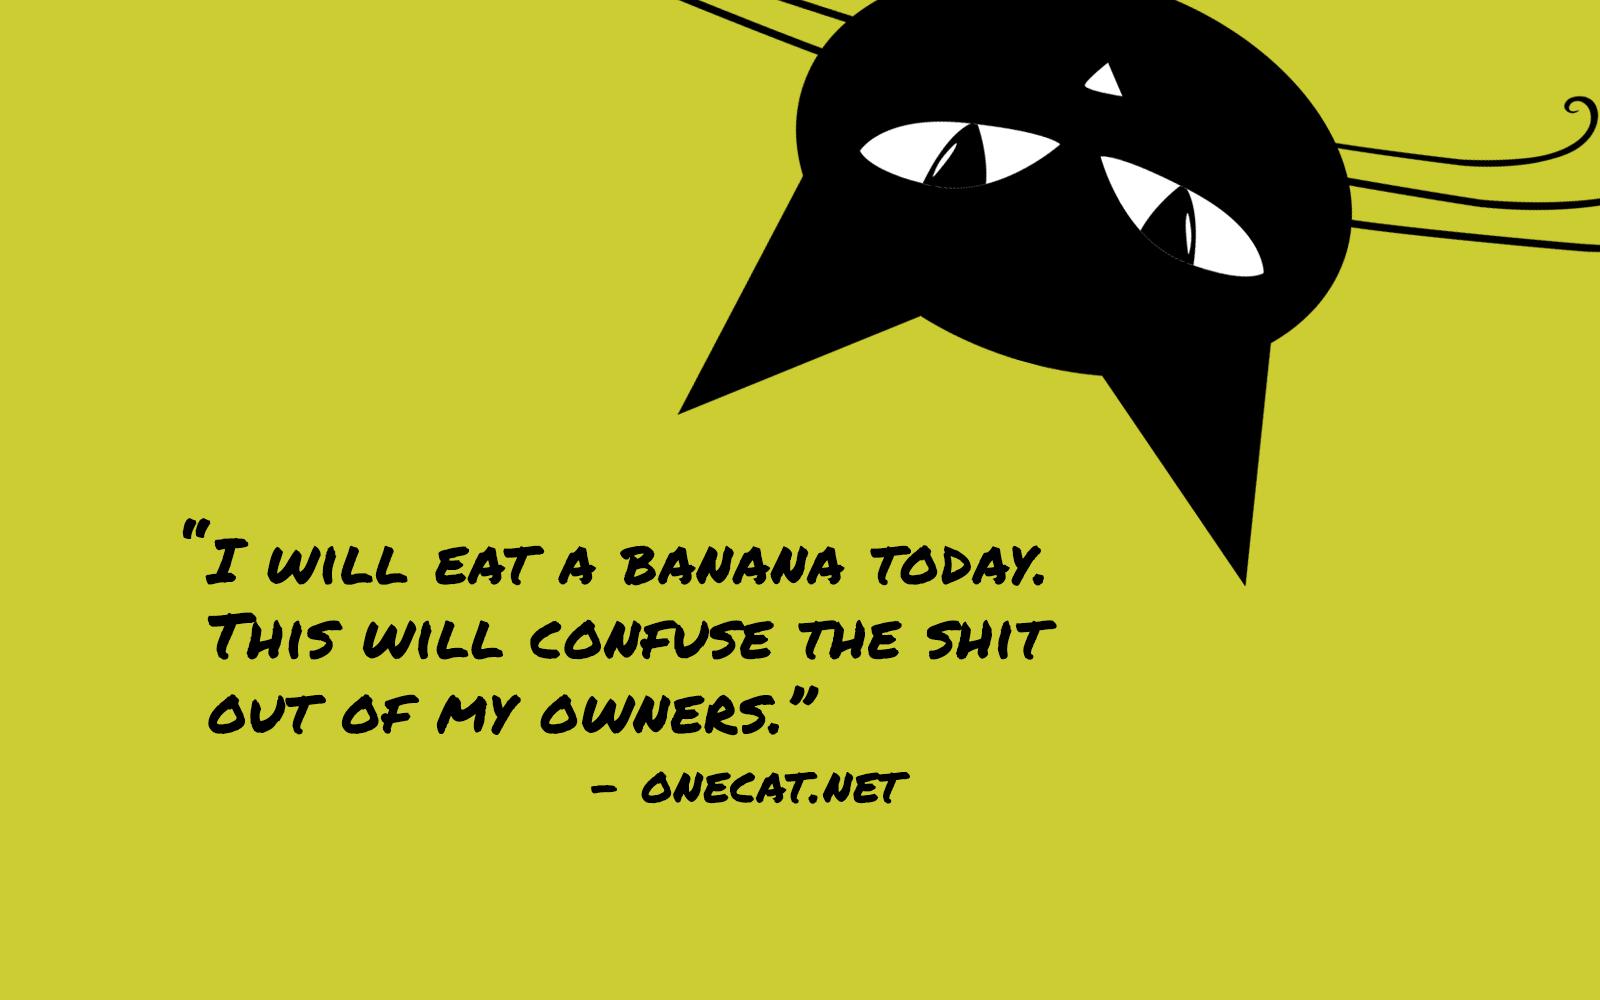 Cats and Bananas